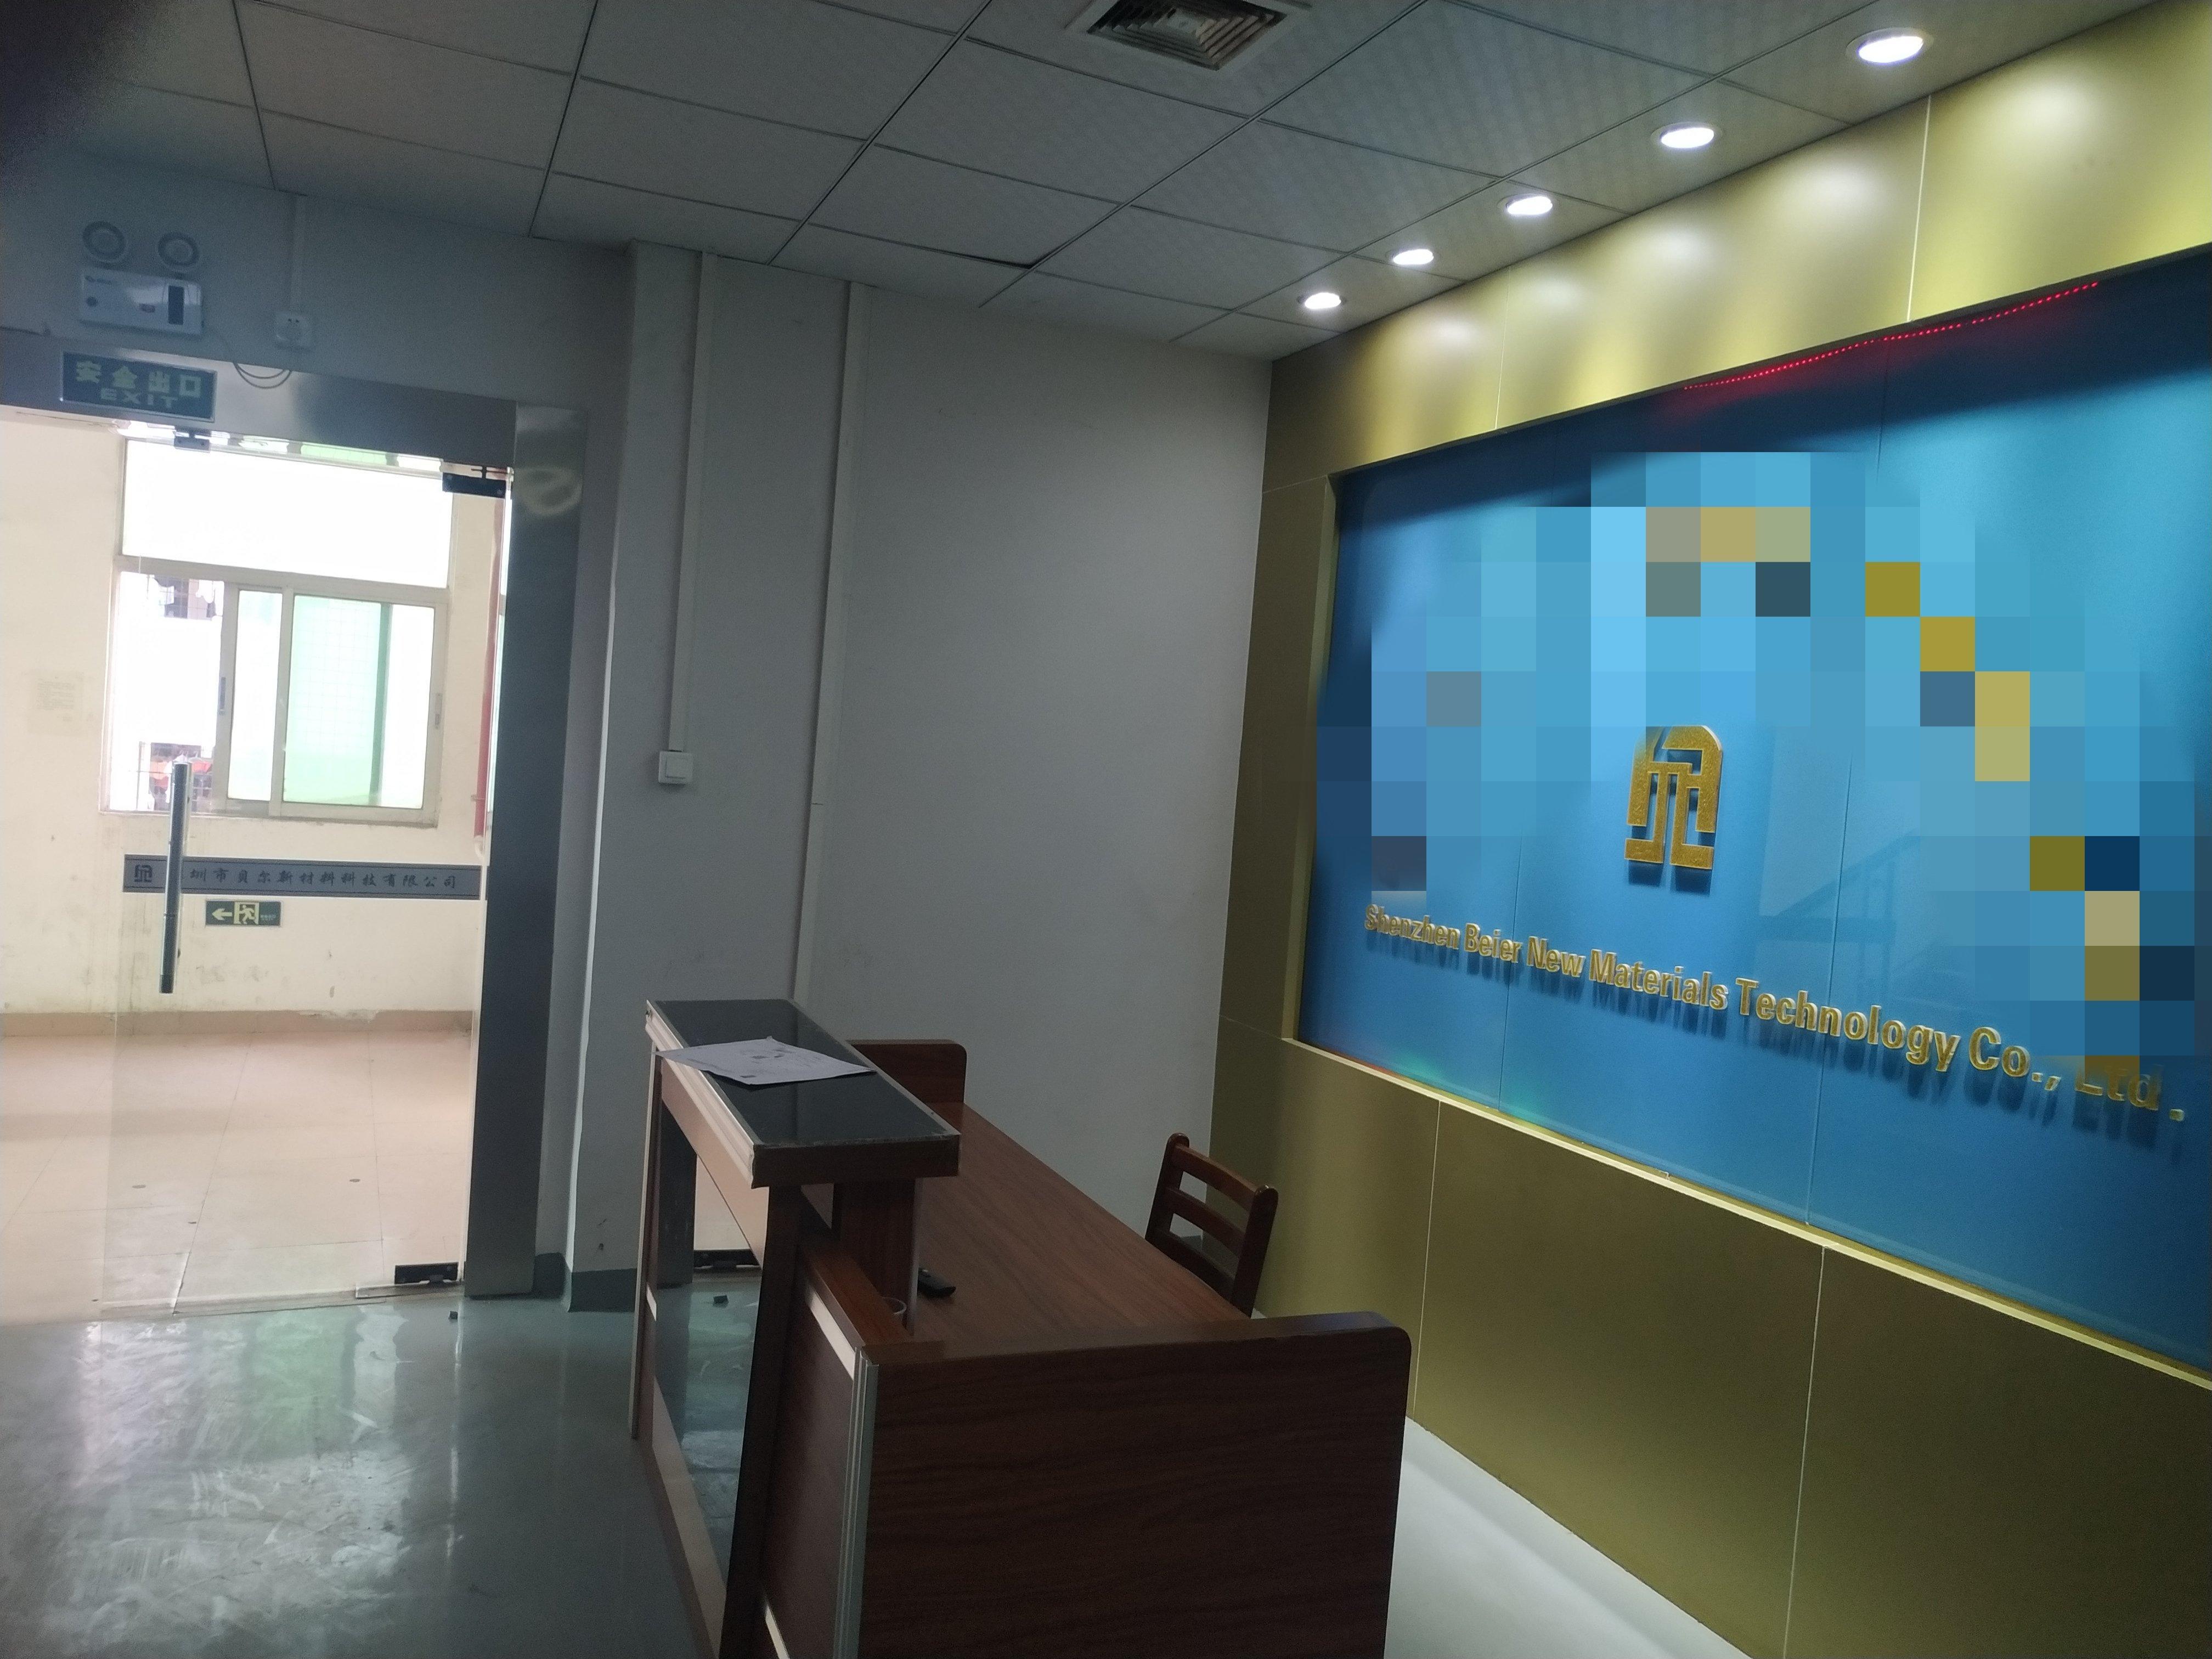 公明长圳原房东厂房二楼一整层2800平米实际面积出租